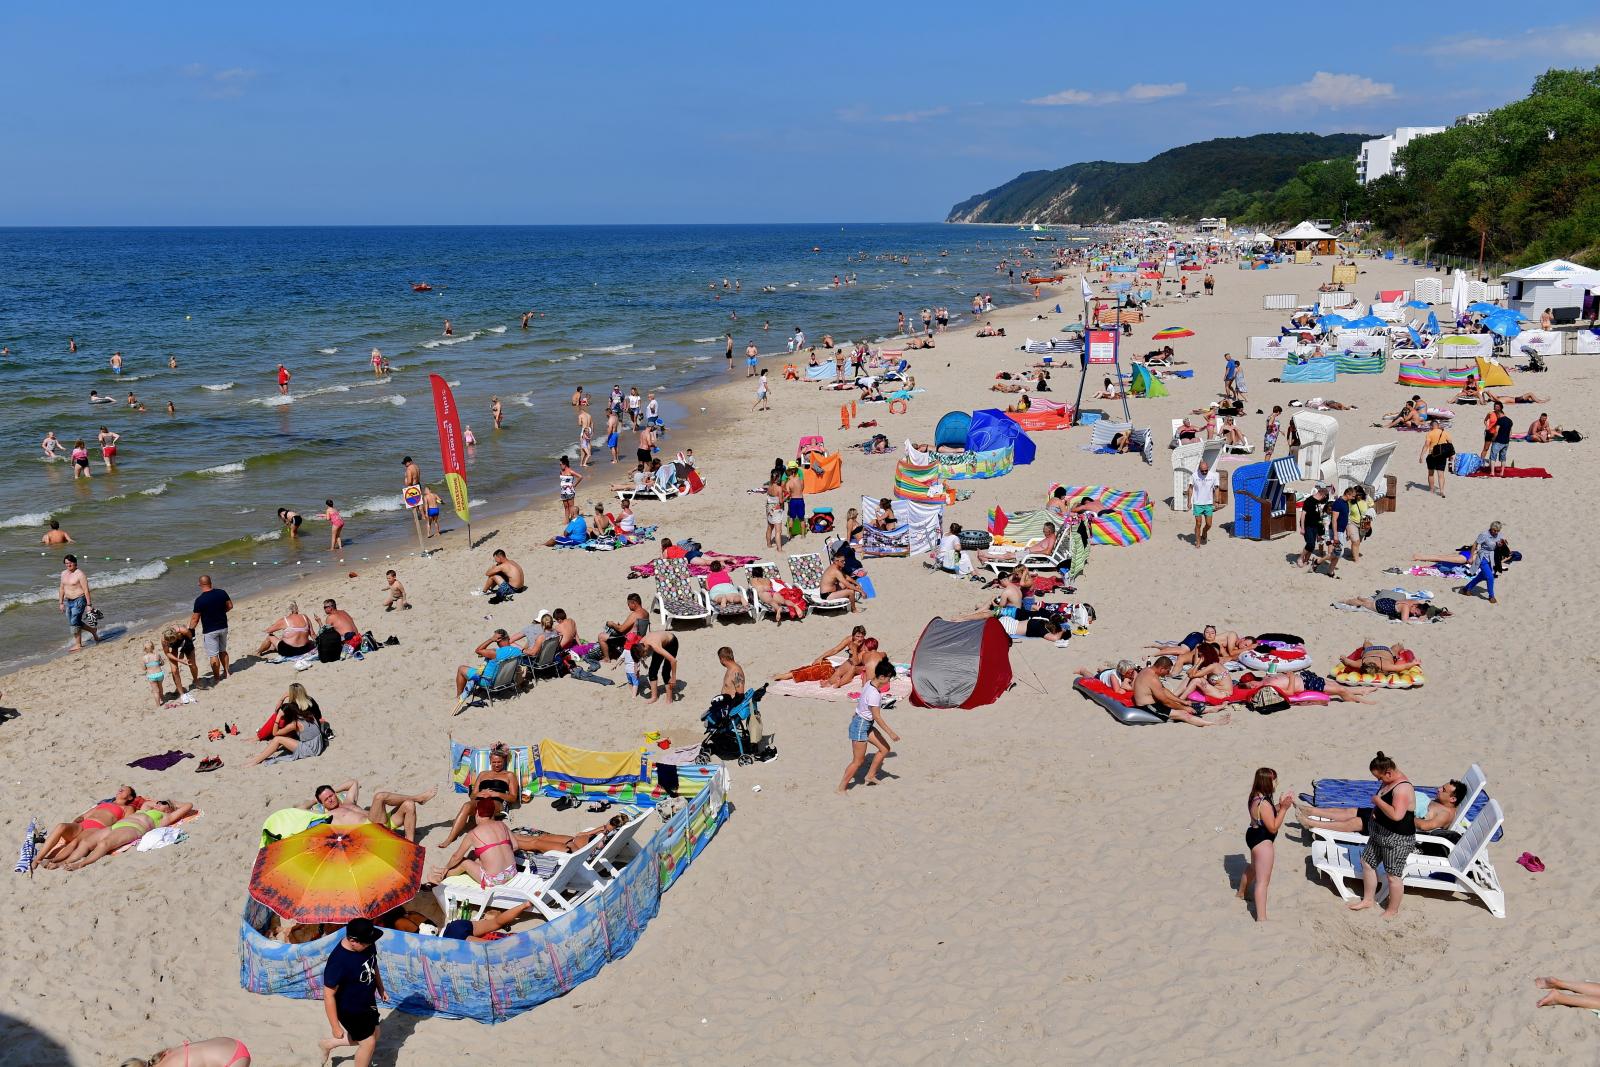 Lato w Międzyzdrojach. Fot. PAP/Marcin Bielecki